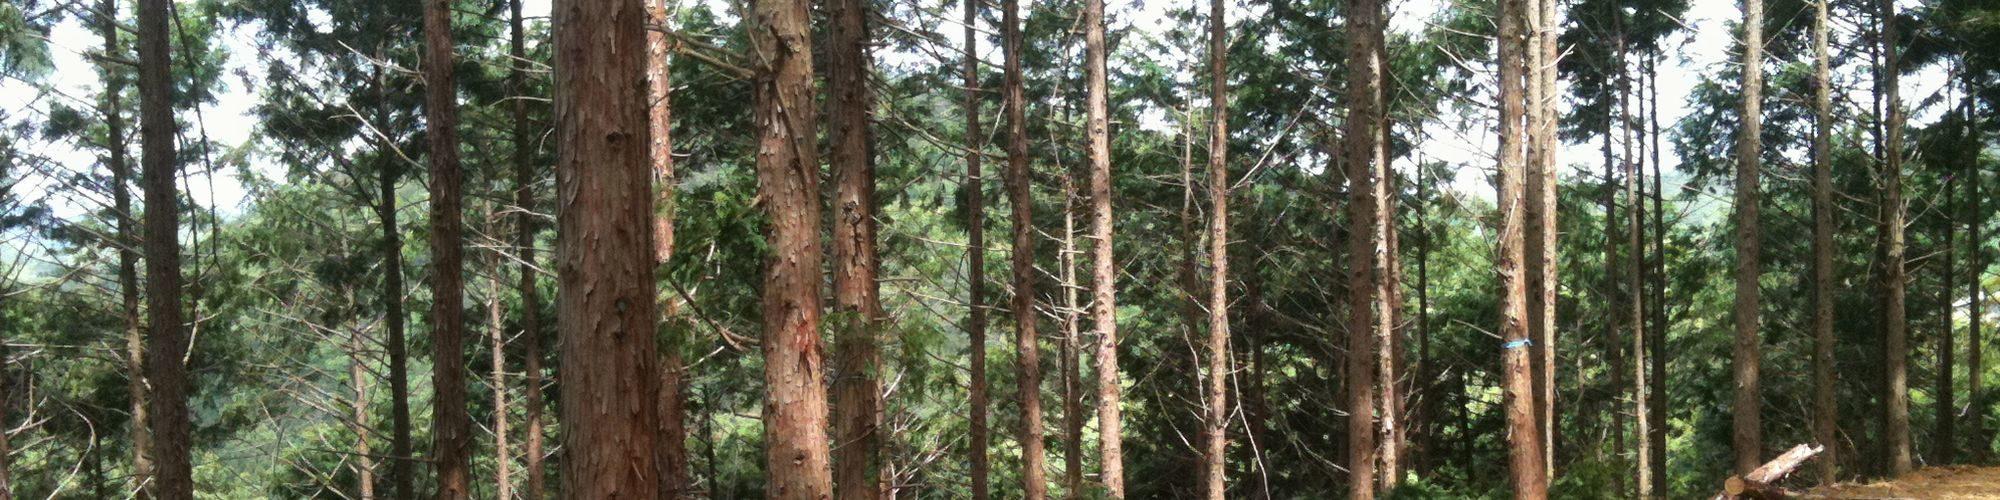 林業事業体を支援します。